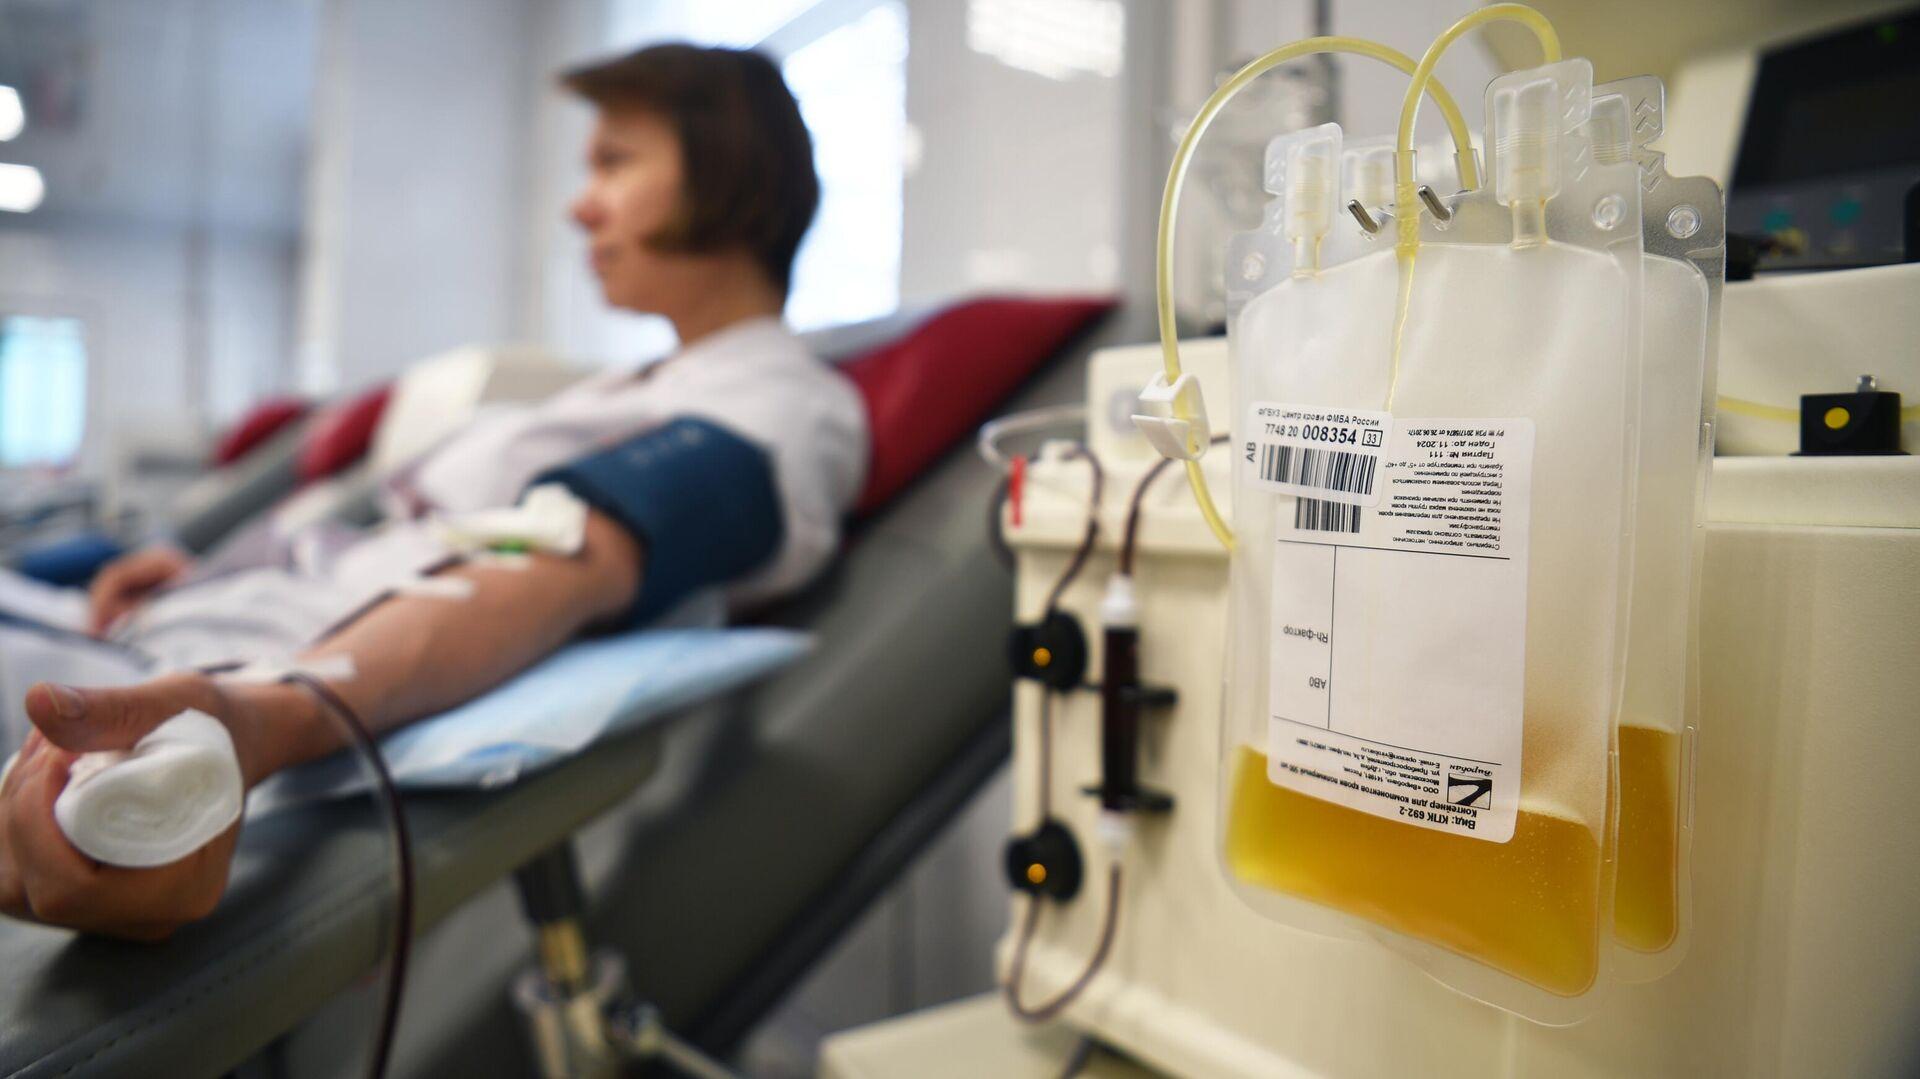 Пакет с плазмой в процедурном отделении Центра крови ФМБА в Москве - РИА Новости, 1920, 26.01.2021